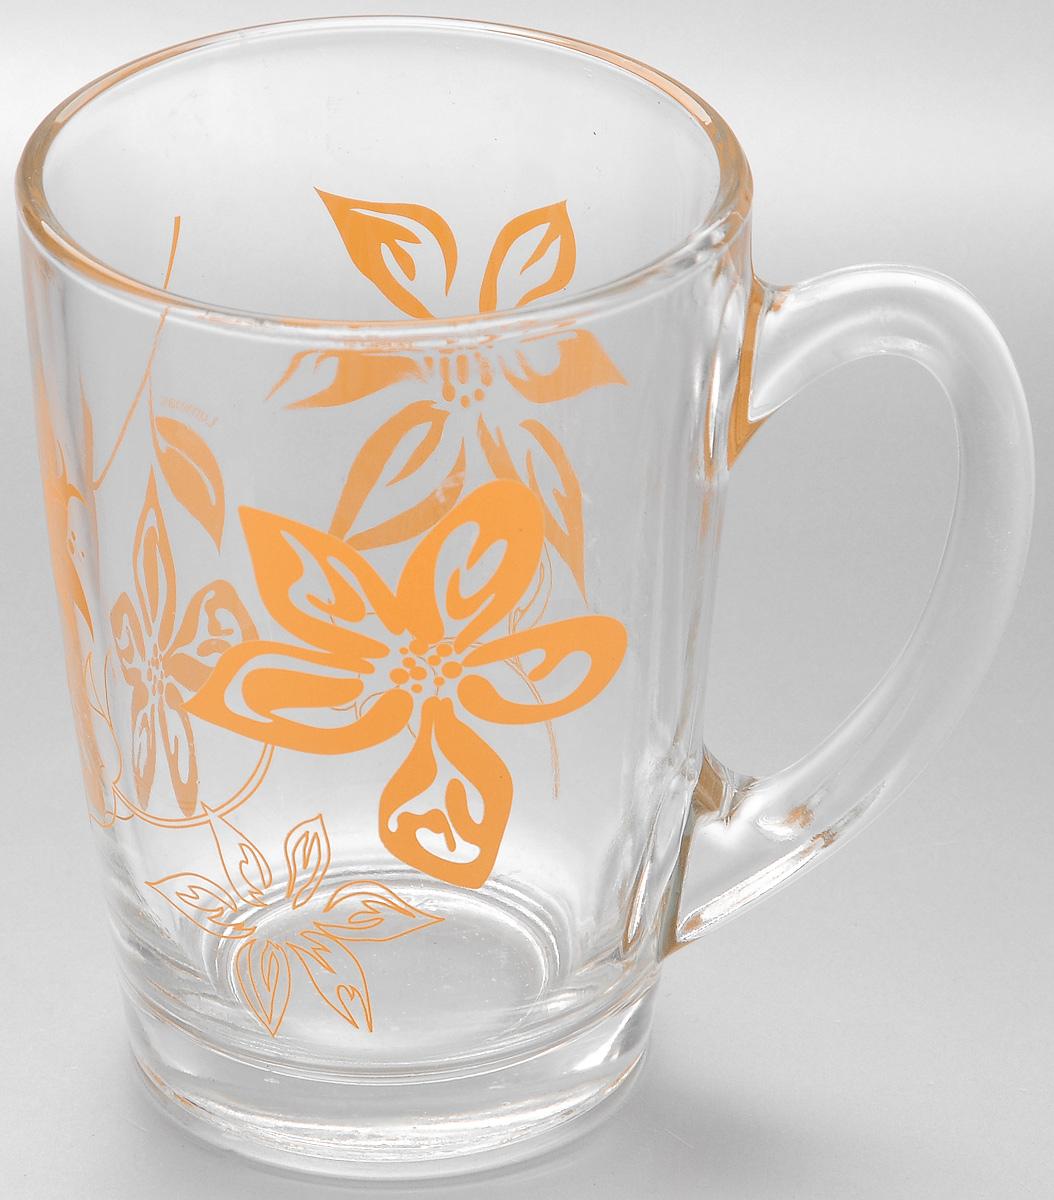 Кружка Luminarc Lily Flower, 320 мл. J8J8Кружка Luminarc Lily Flower изготовлена из упрочненного стекла. Такая кружка прекрасно подойдет для горячих и холодных напитков. Она дополнит коллекцию вашей кухонной посуды и будет служить долгие годы. Диаметр кружки (по верхнему краю): 8 см.